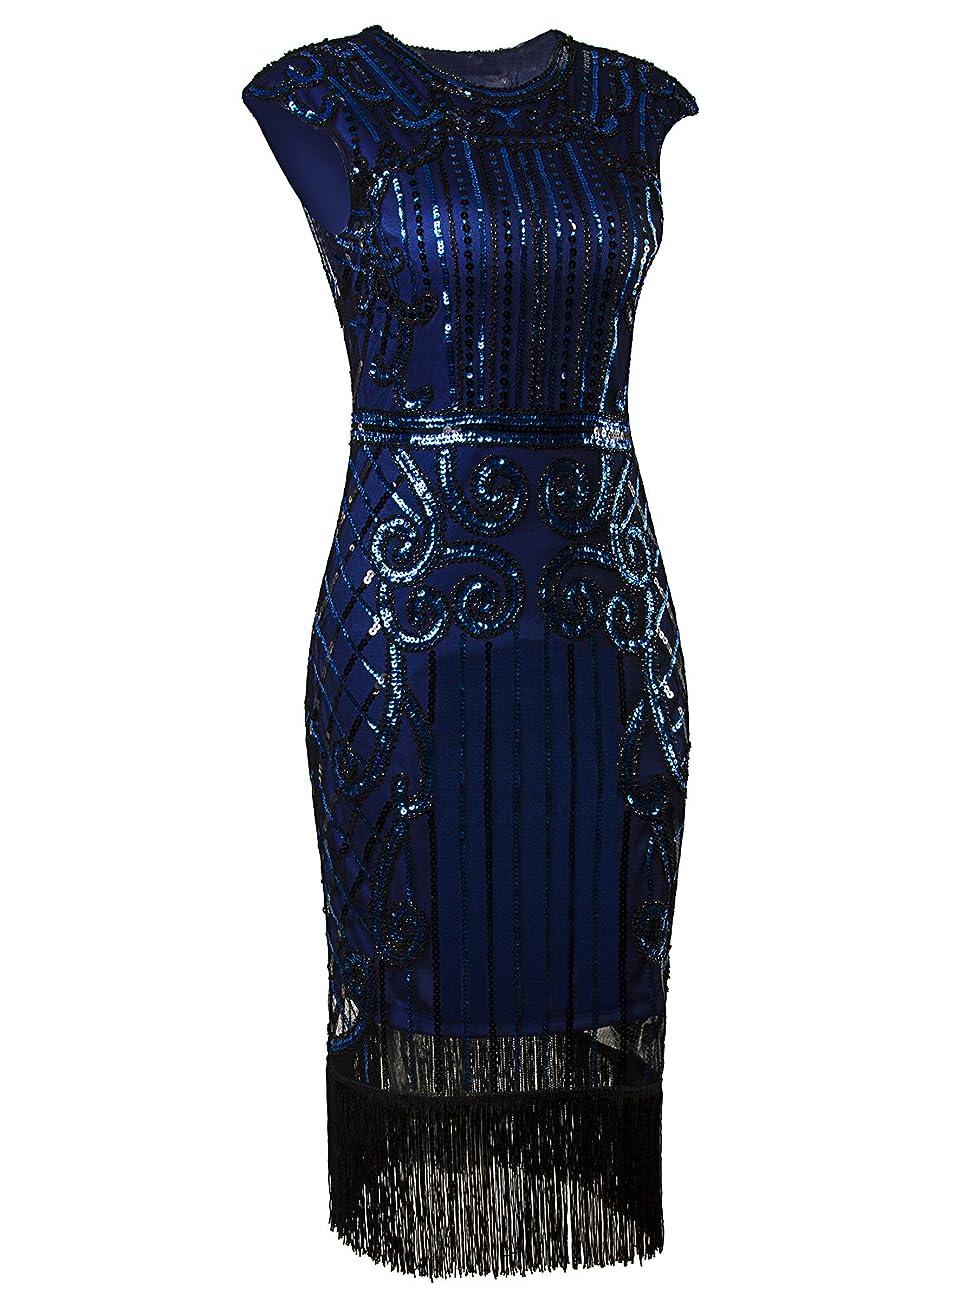 Vijiv 1920s Vintage Inspired Sequin Embellished Fringe Long Gatsby Flapper Dressblue 1